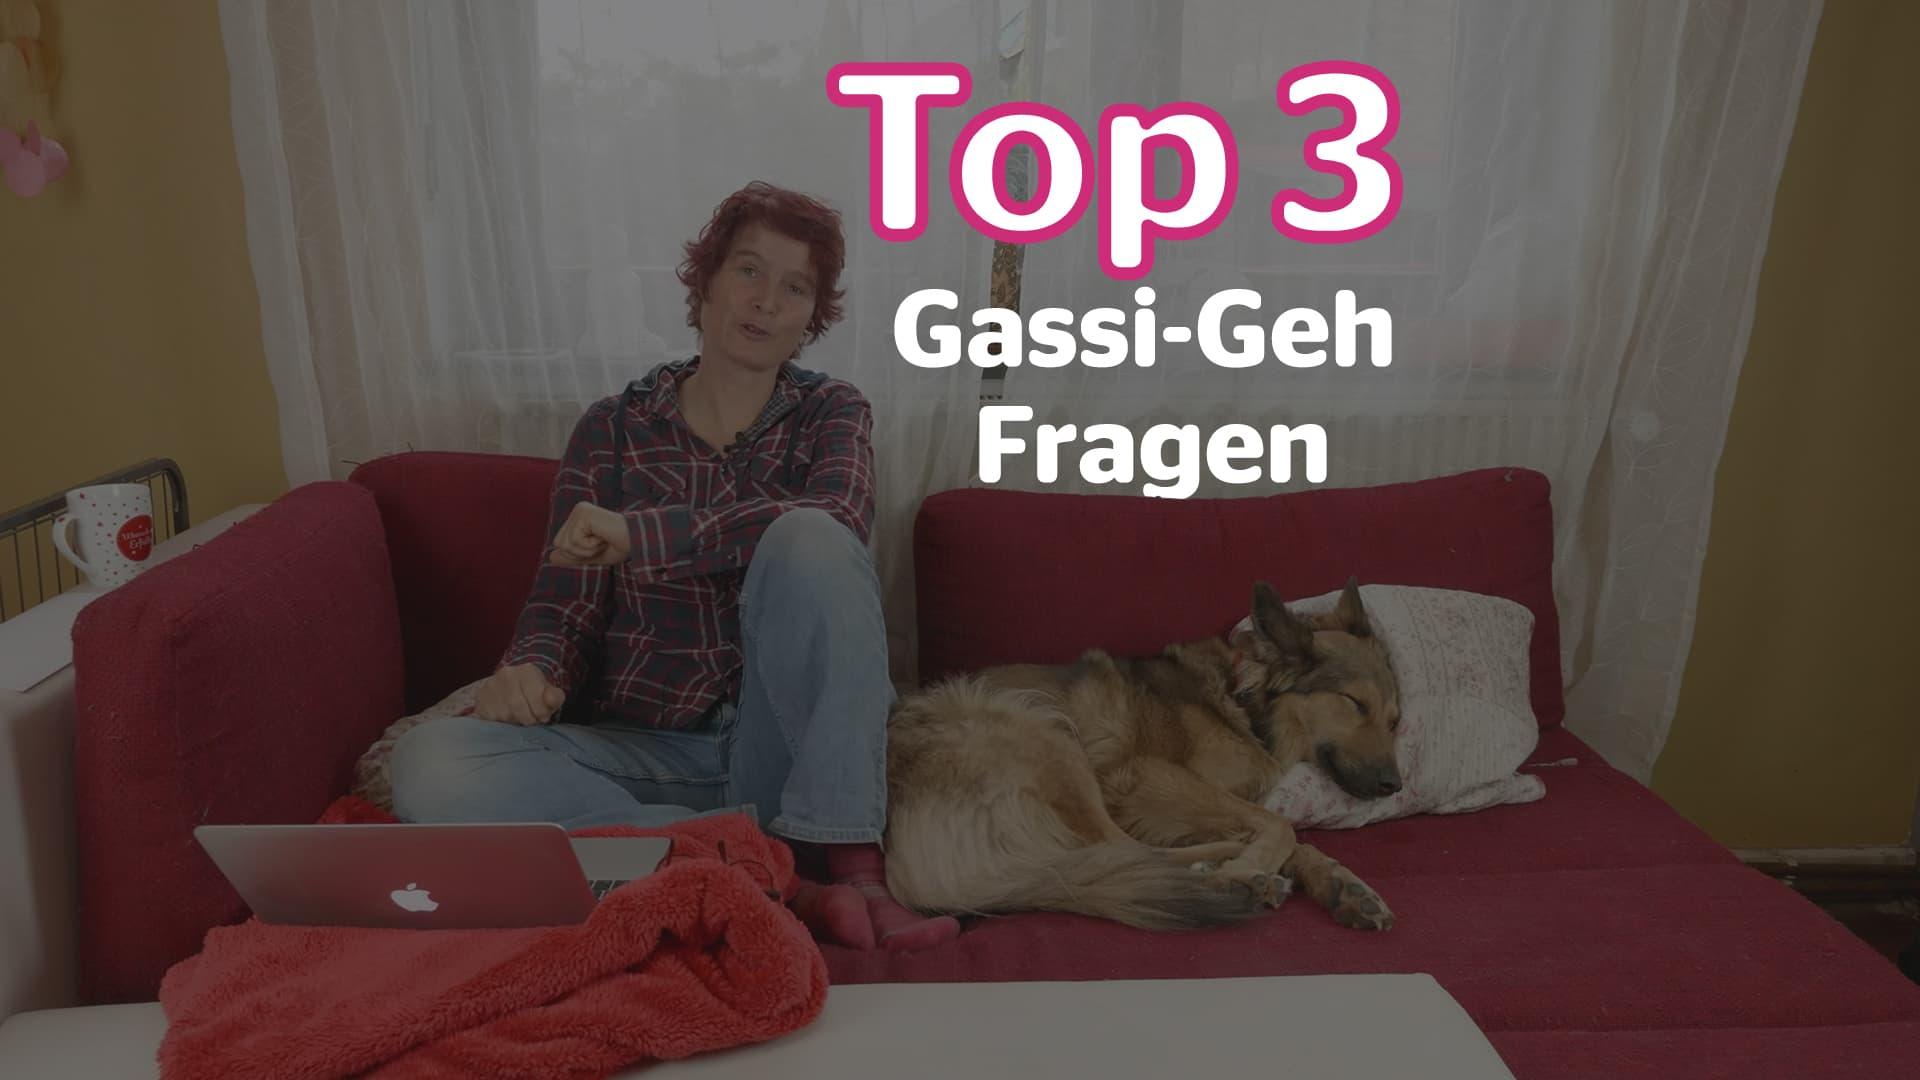 Gassi-Geh Fragen mit Alex Angrick